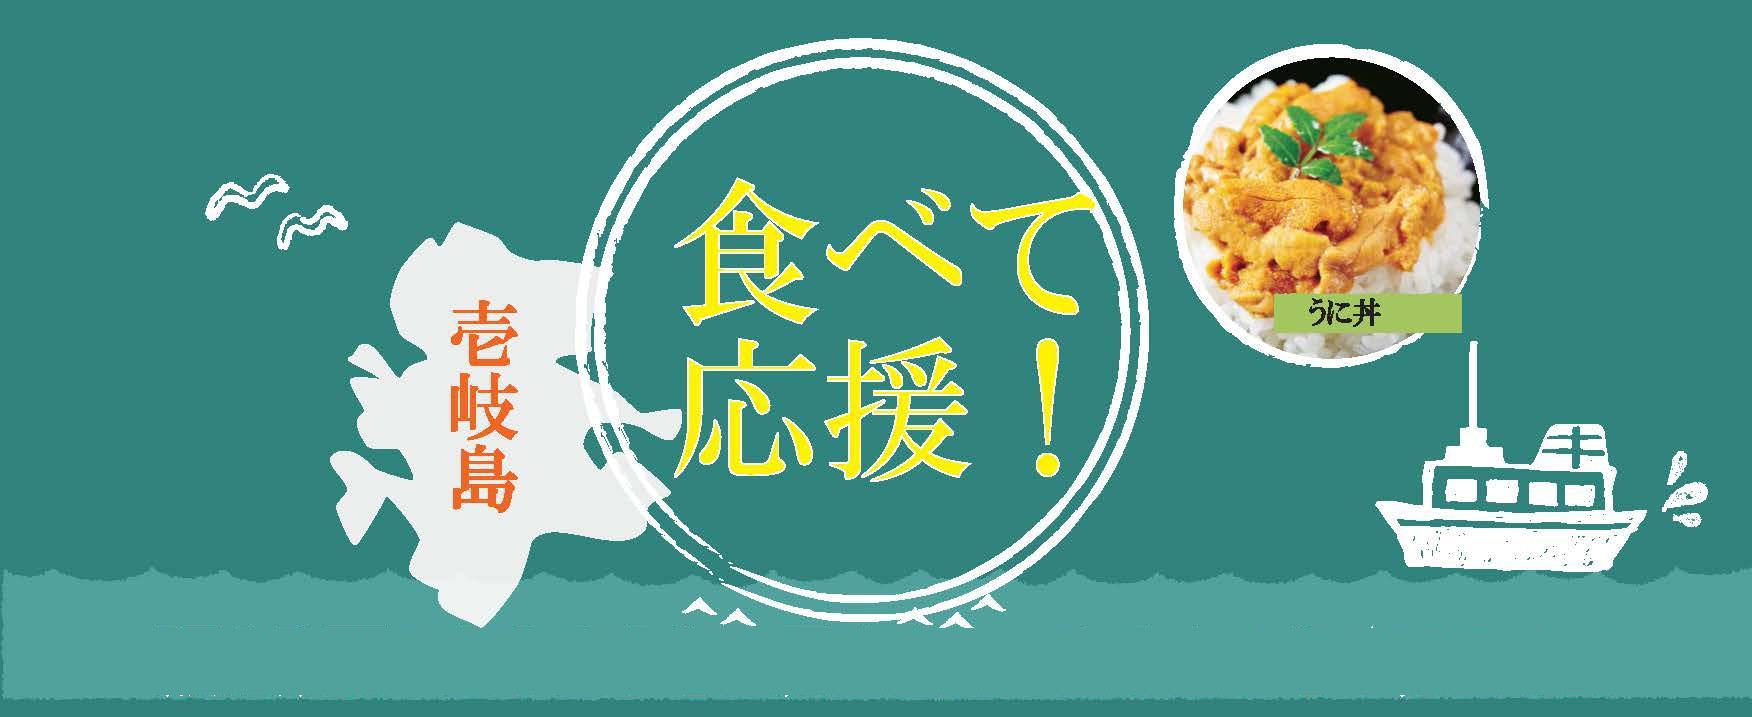 食べて応援!「壱岐産うに&お土産品福袋」販売!!-1